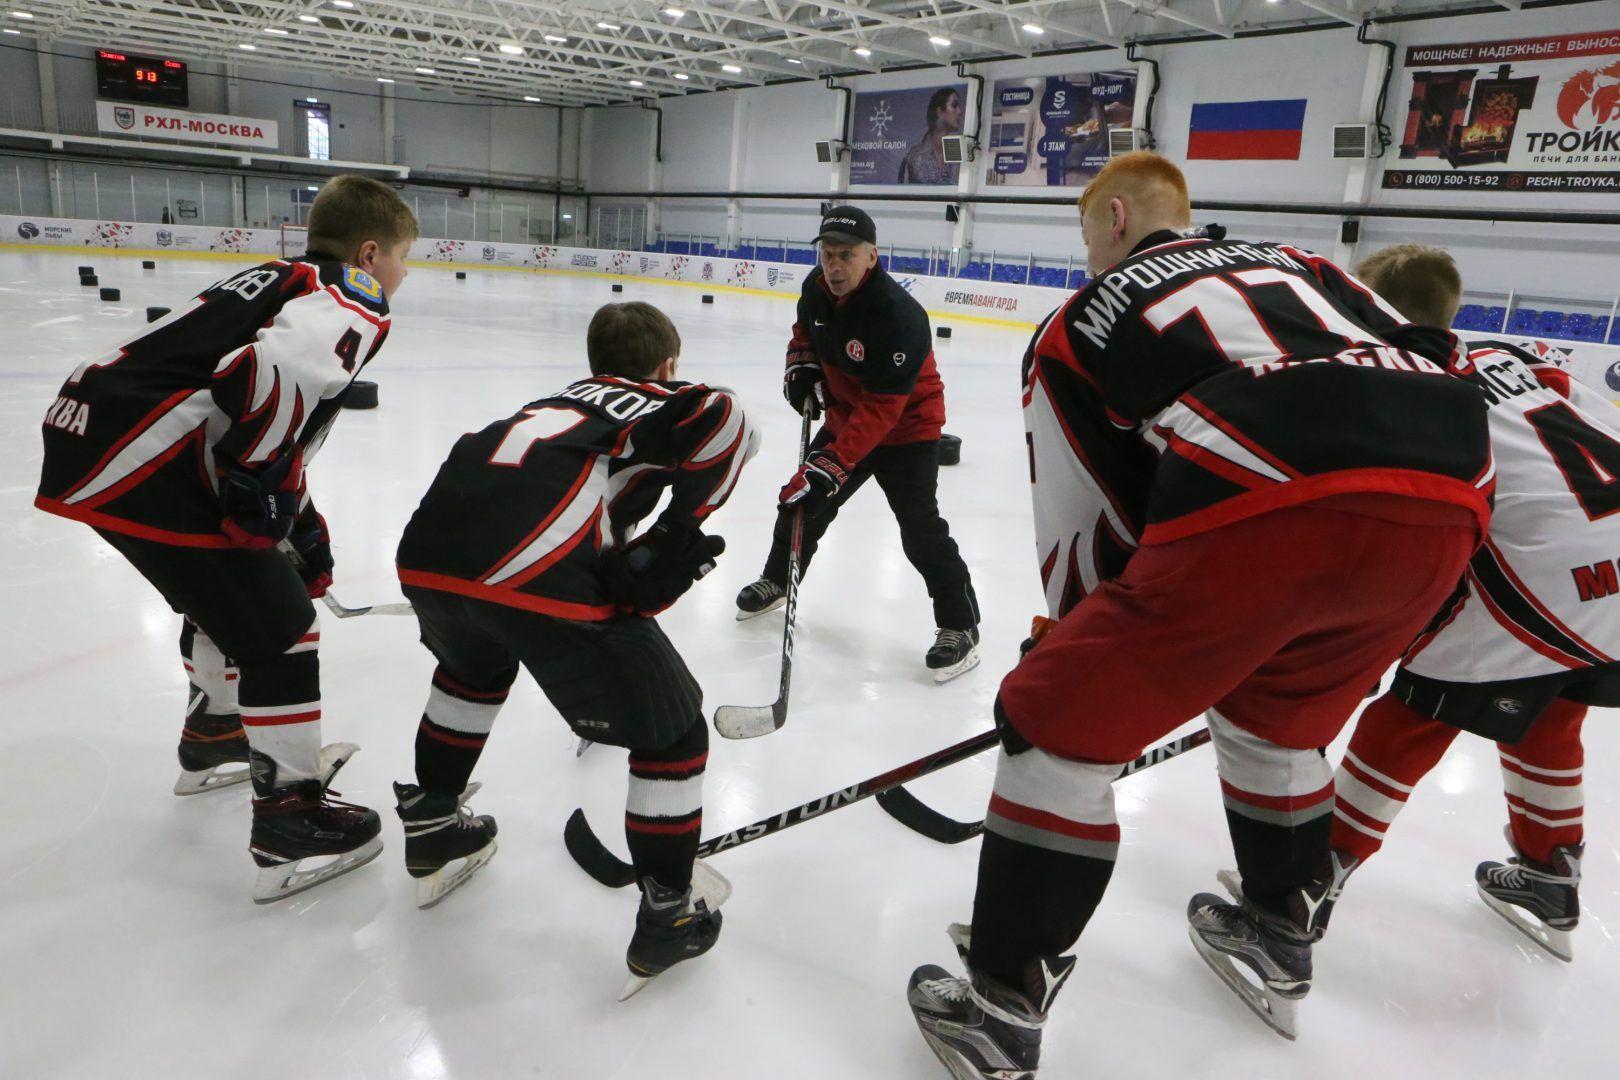 Петр Аникиев проводит тренировку со своими воспитанниками из сборной команды «Золотая шайба». Фото: Виктор Хабаров